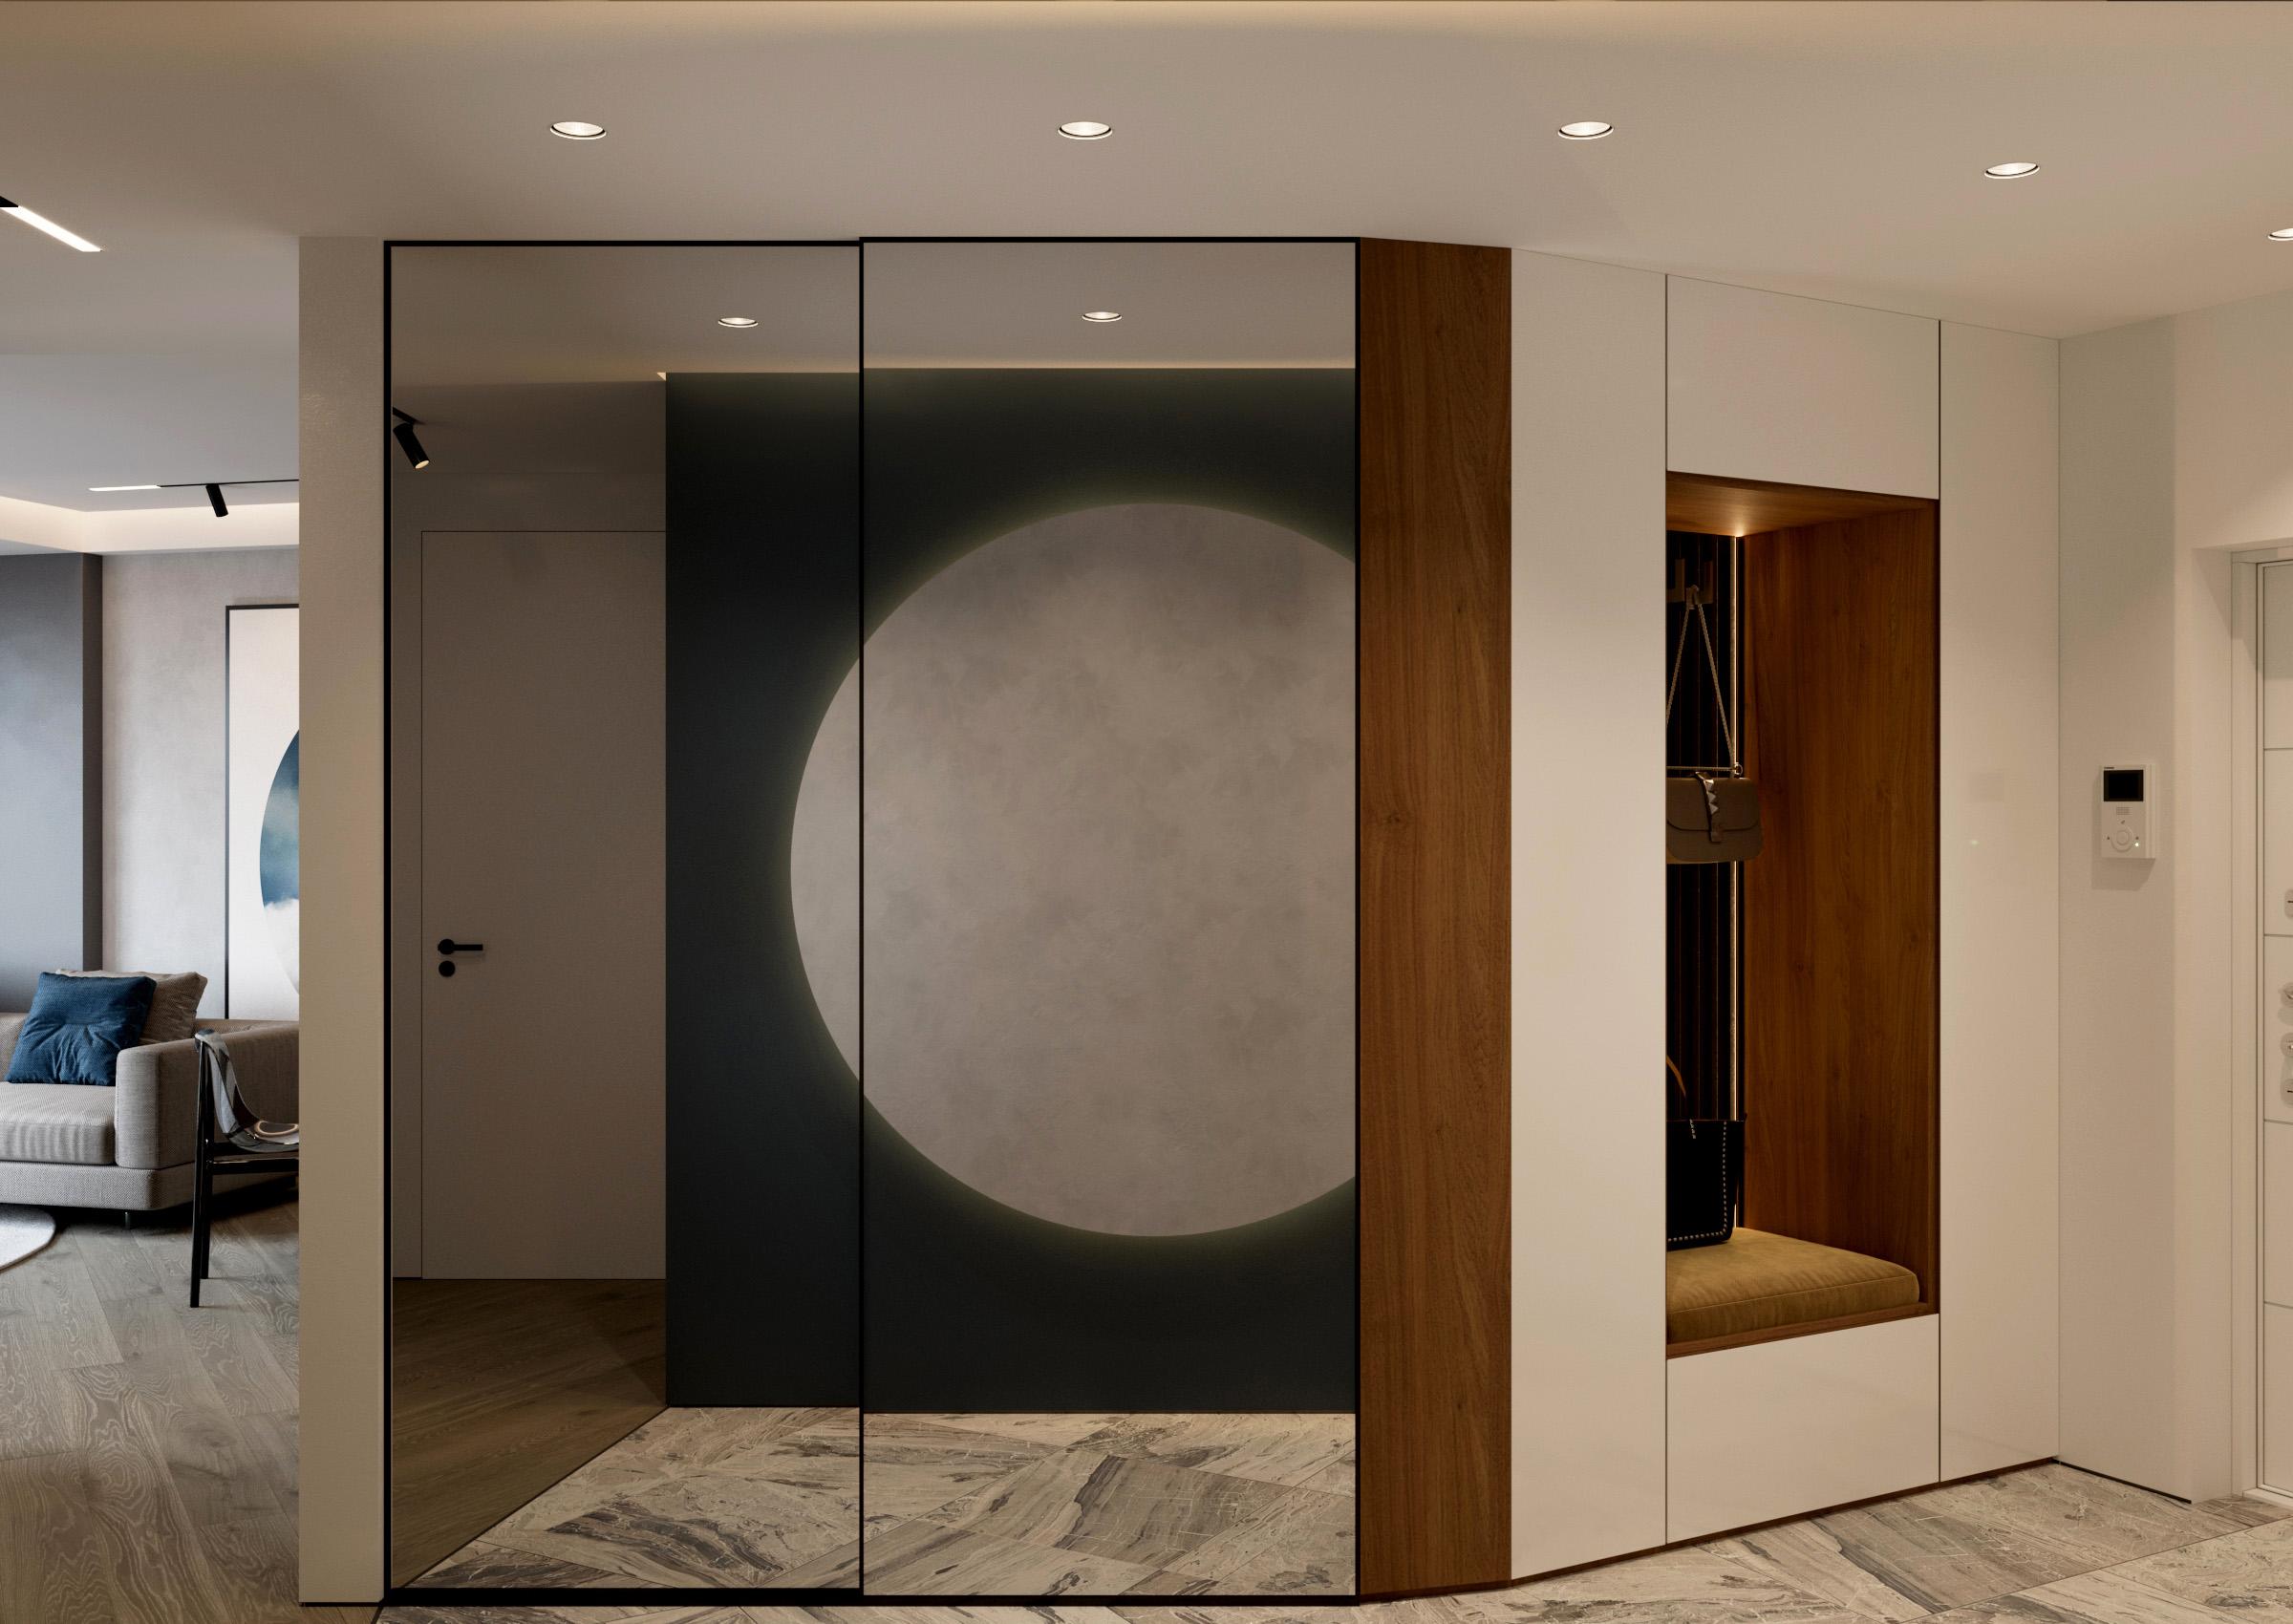 Hol cu oglinda de perete ca element de decor